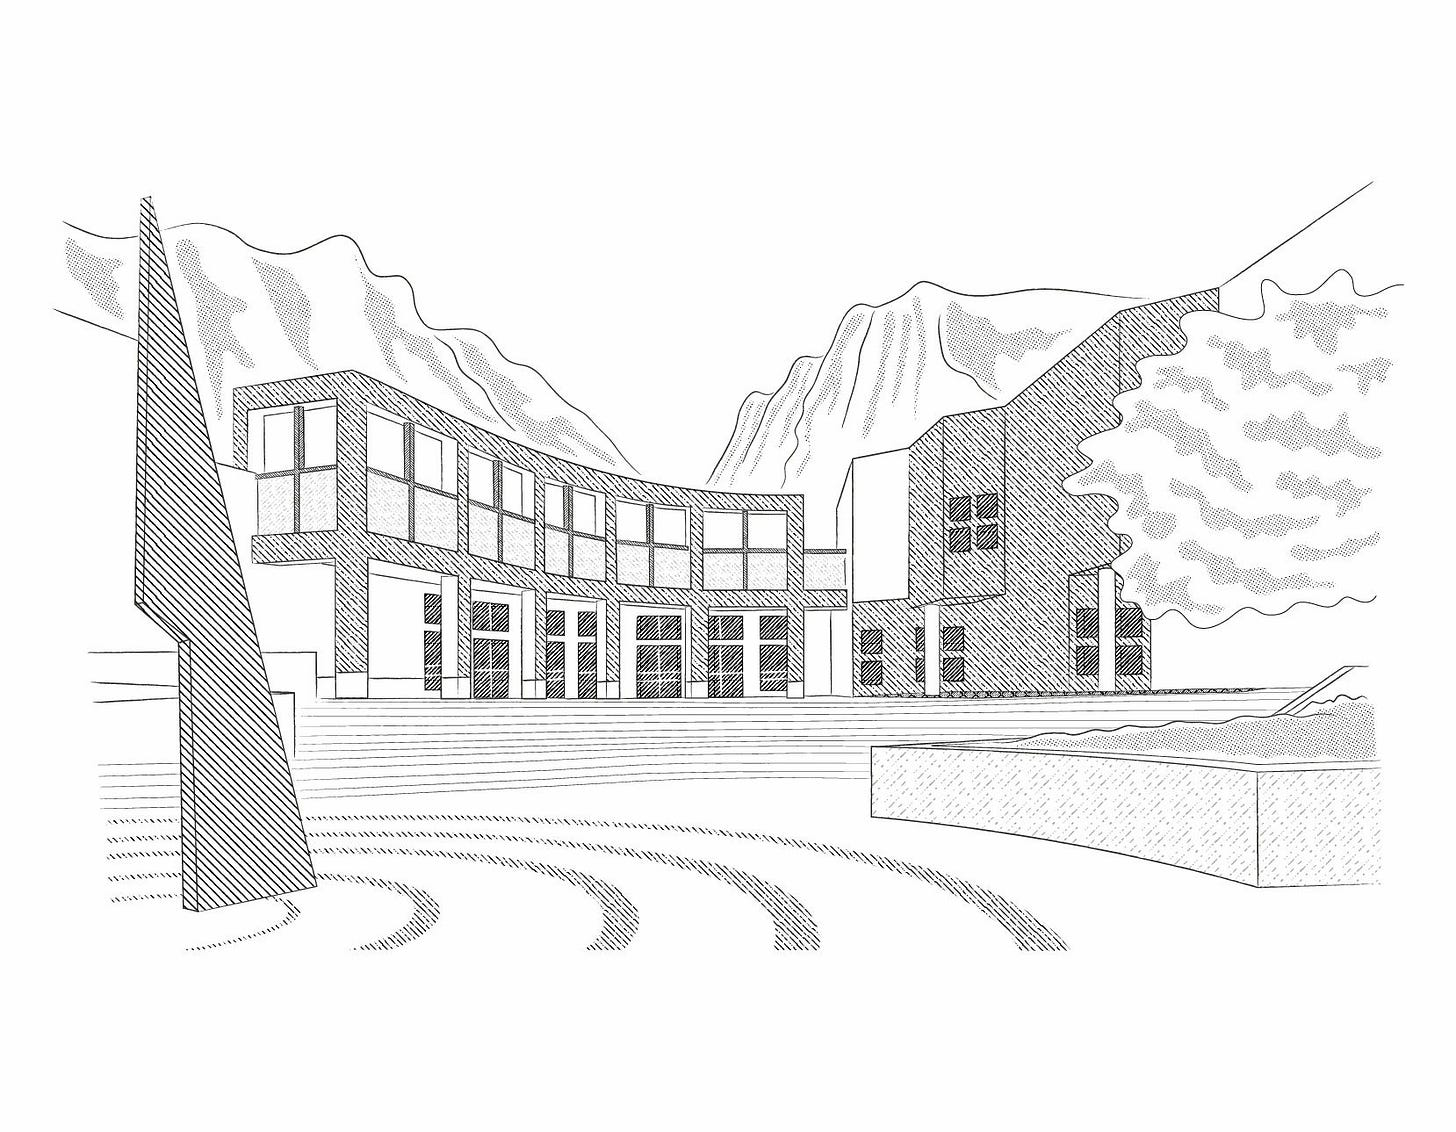 Colegios privados en Monterrey: ¿de qué tamaño es su operación?